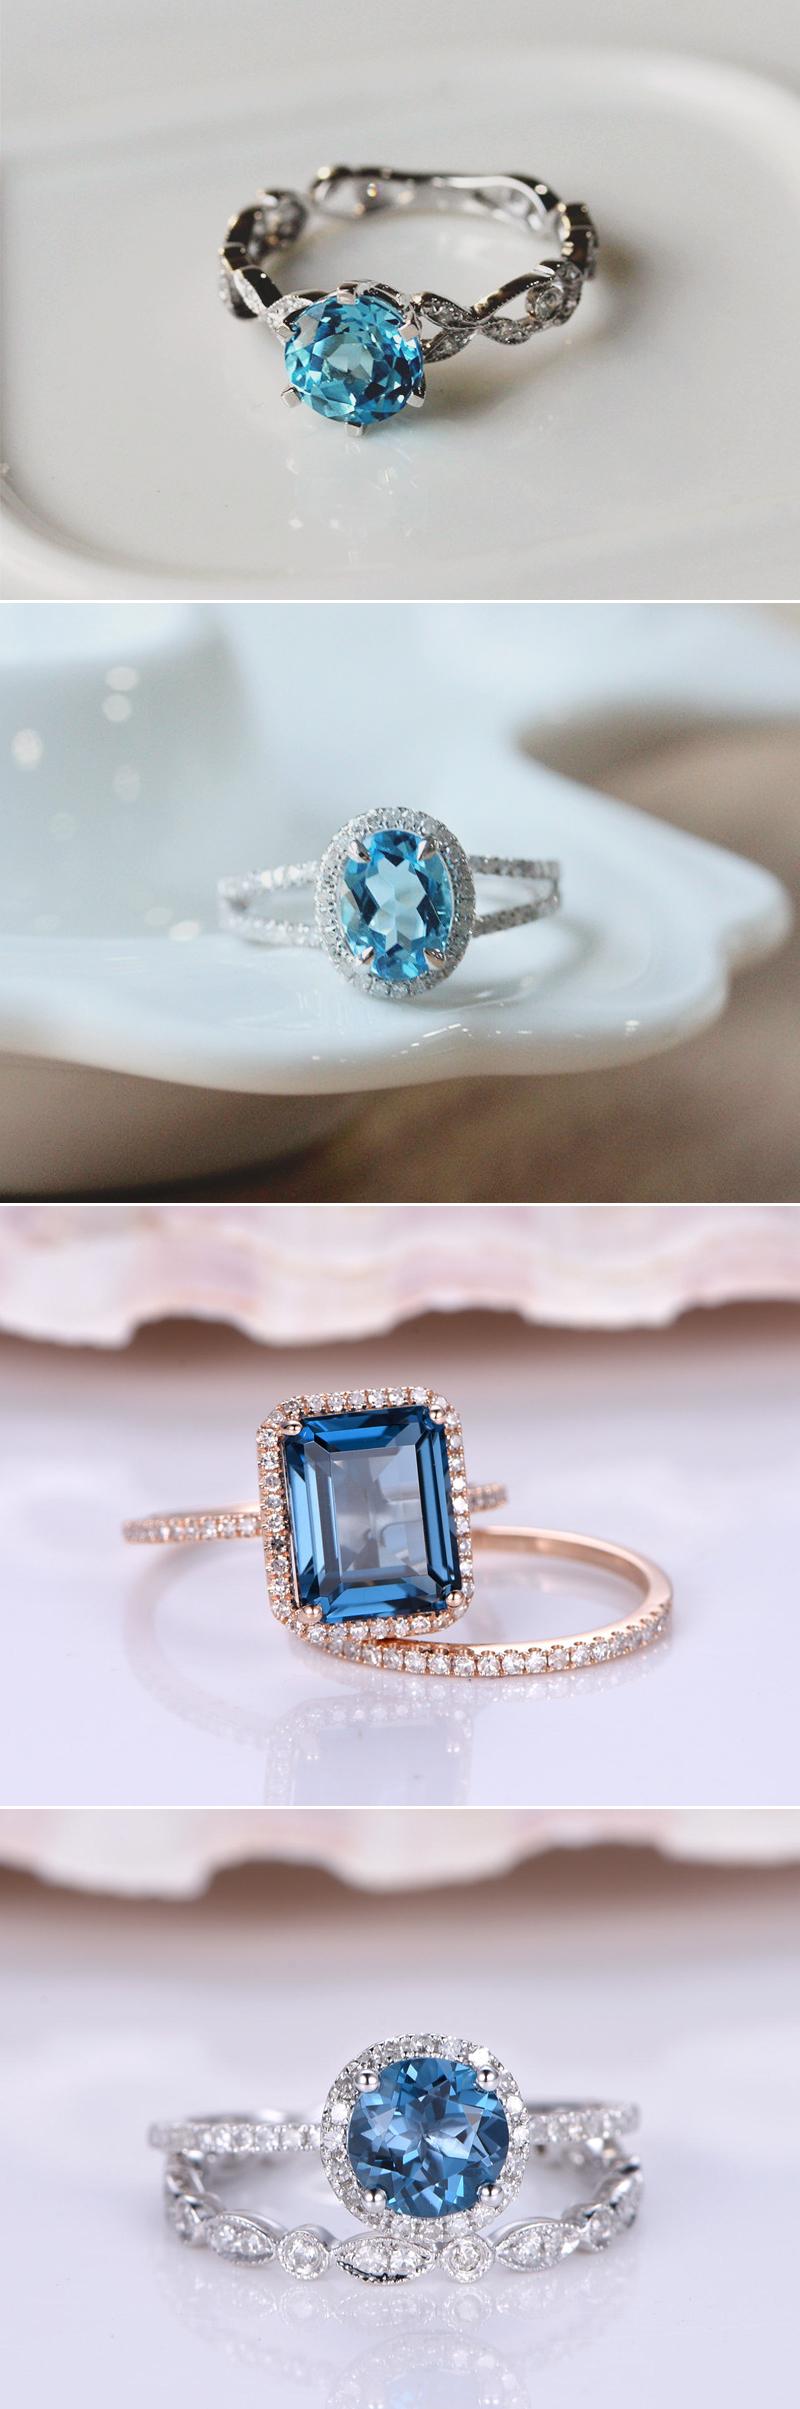 bluering04-topaz